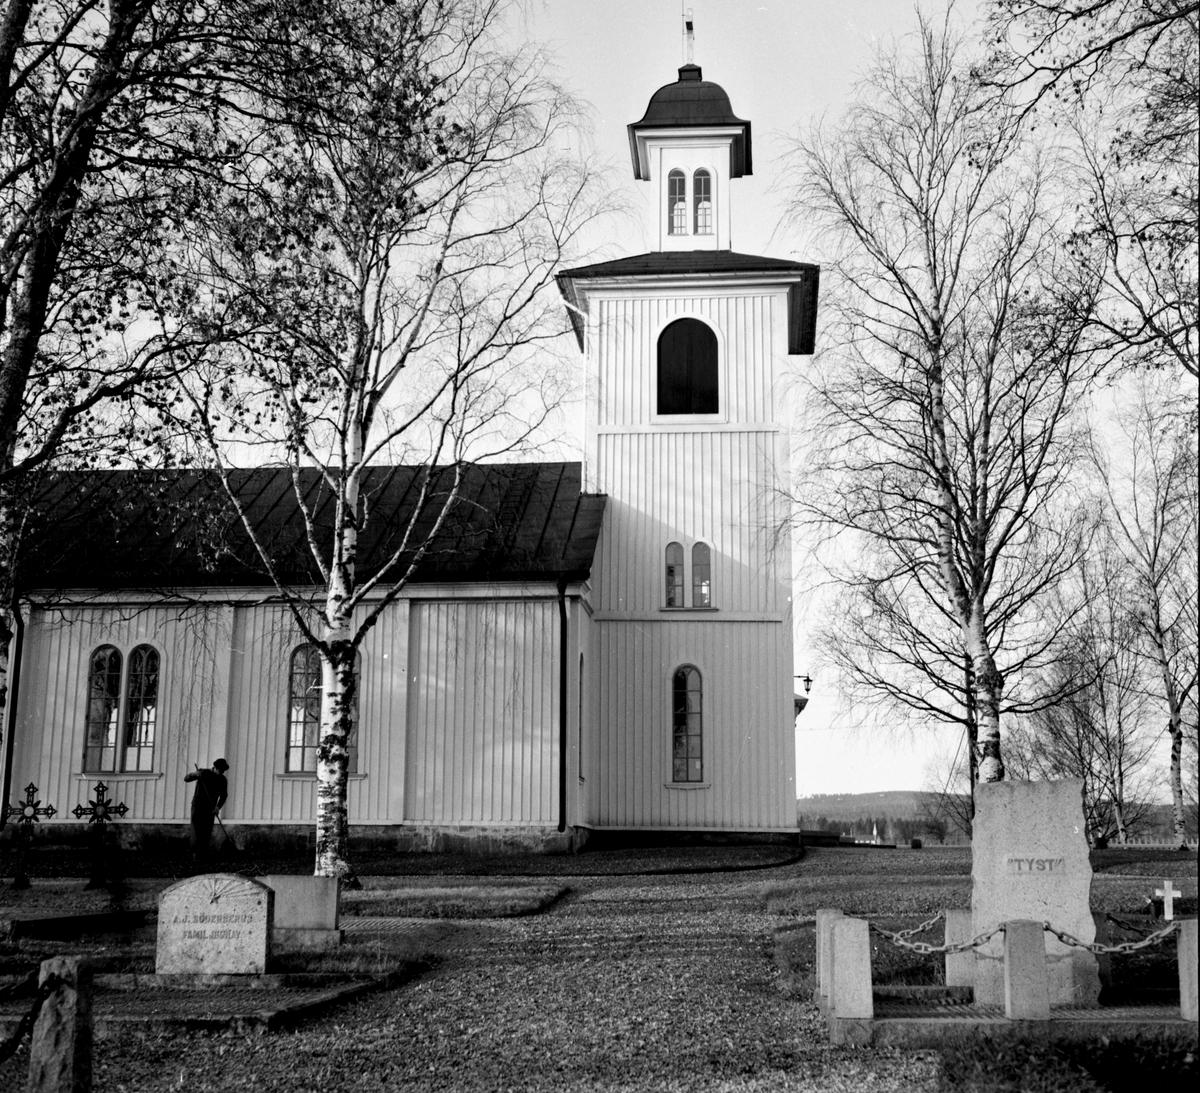 Lingbo kyrkan, Pastor Almgren, Vaktm Melker Westin, 30 okt 1964